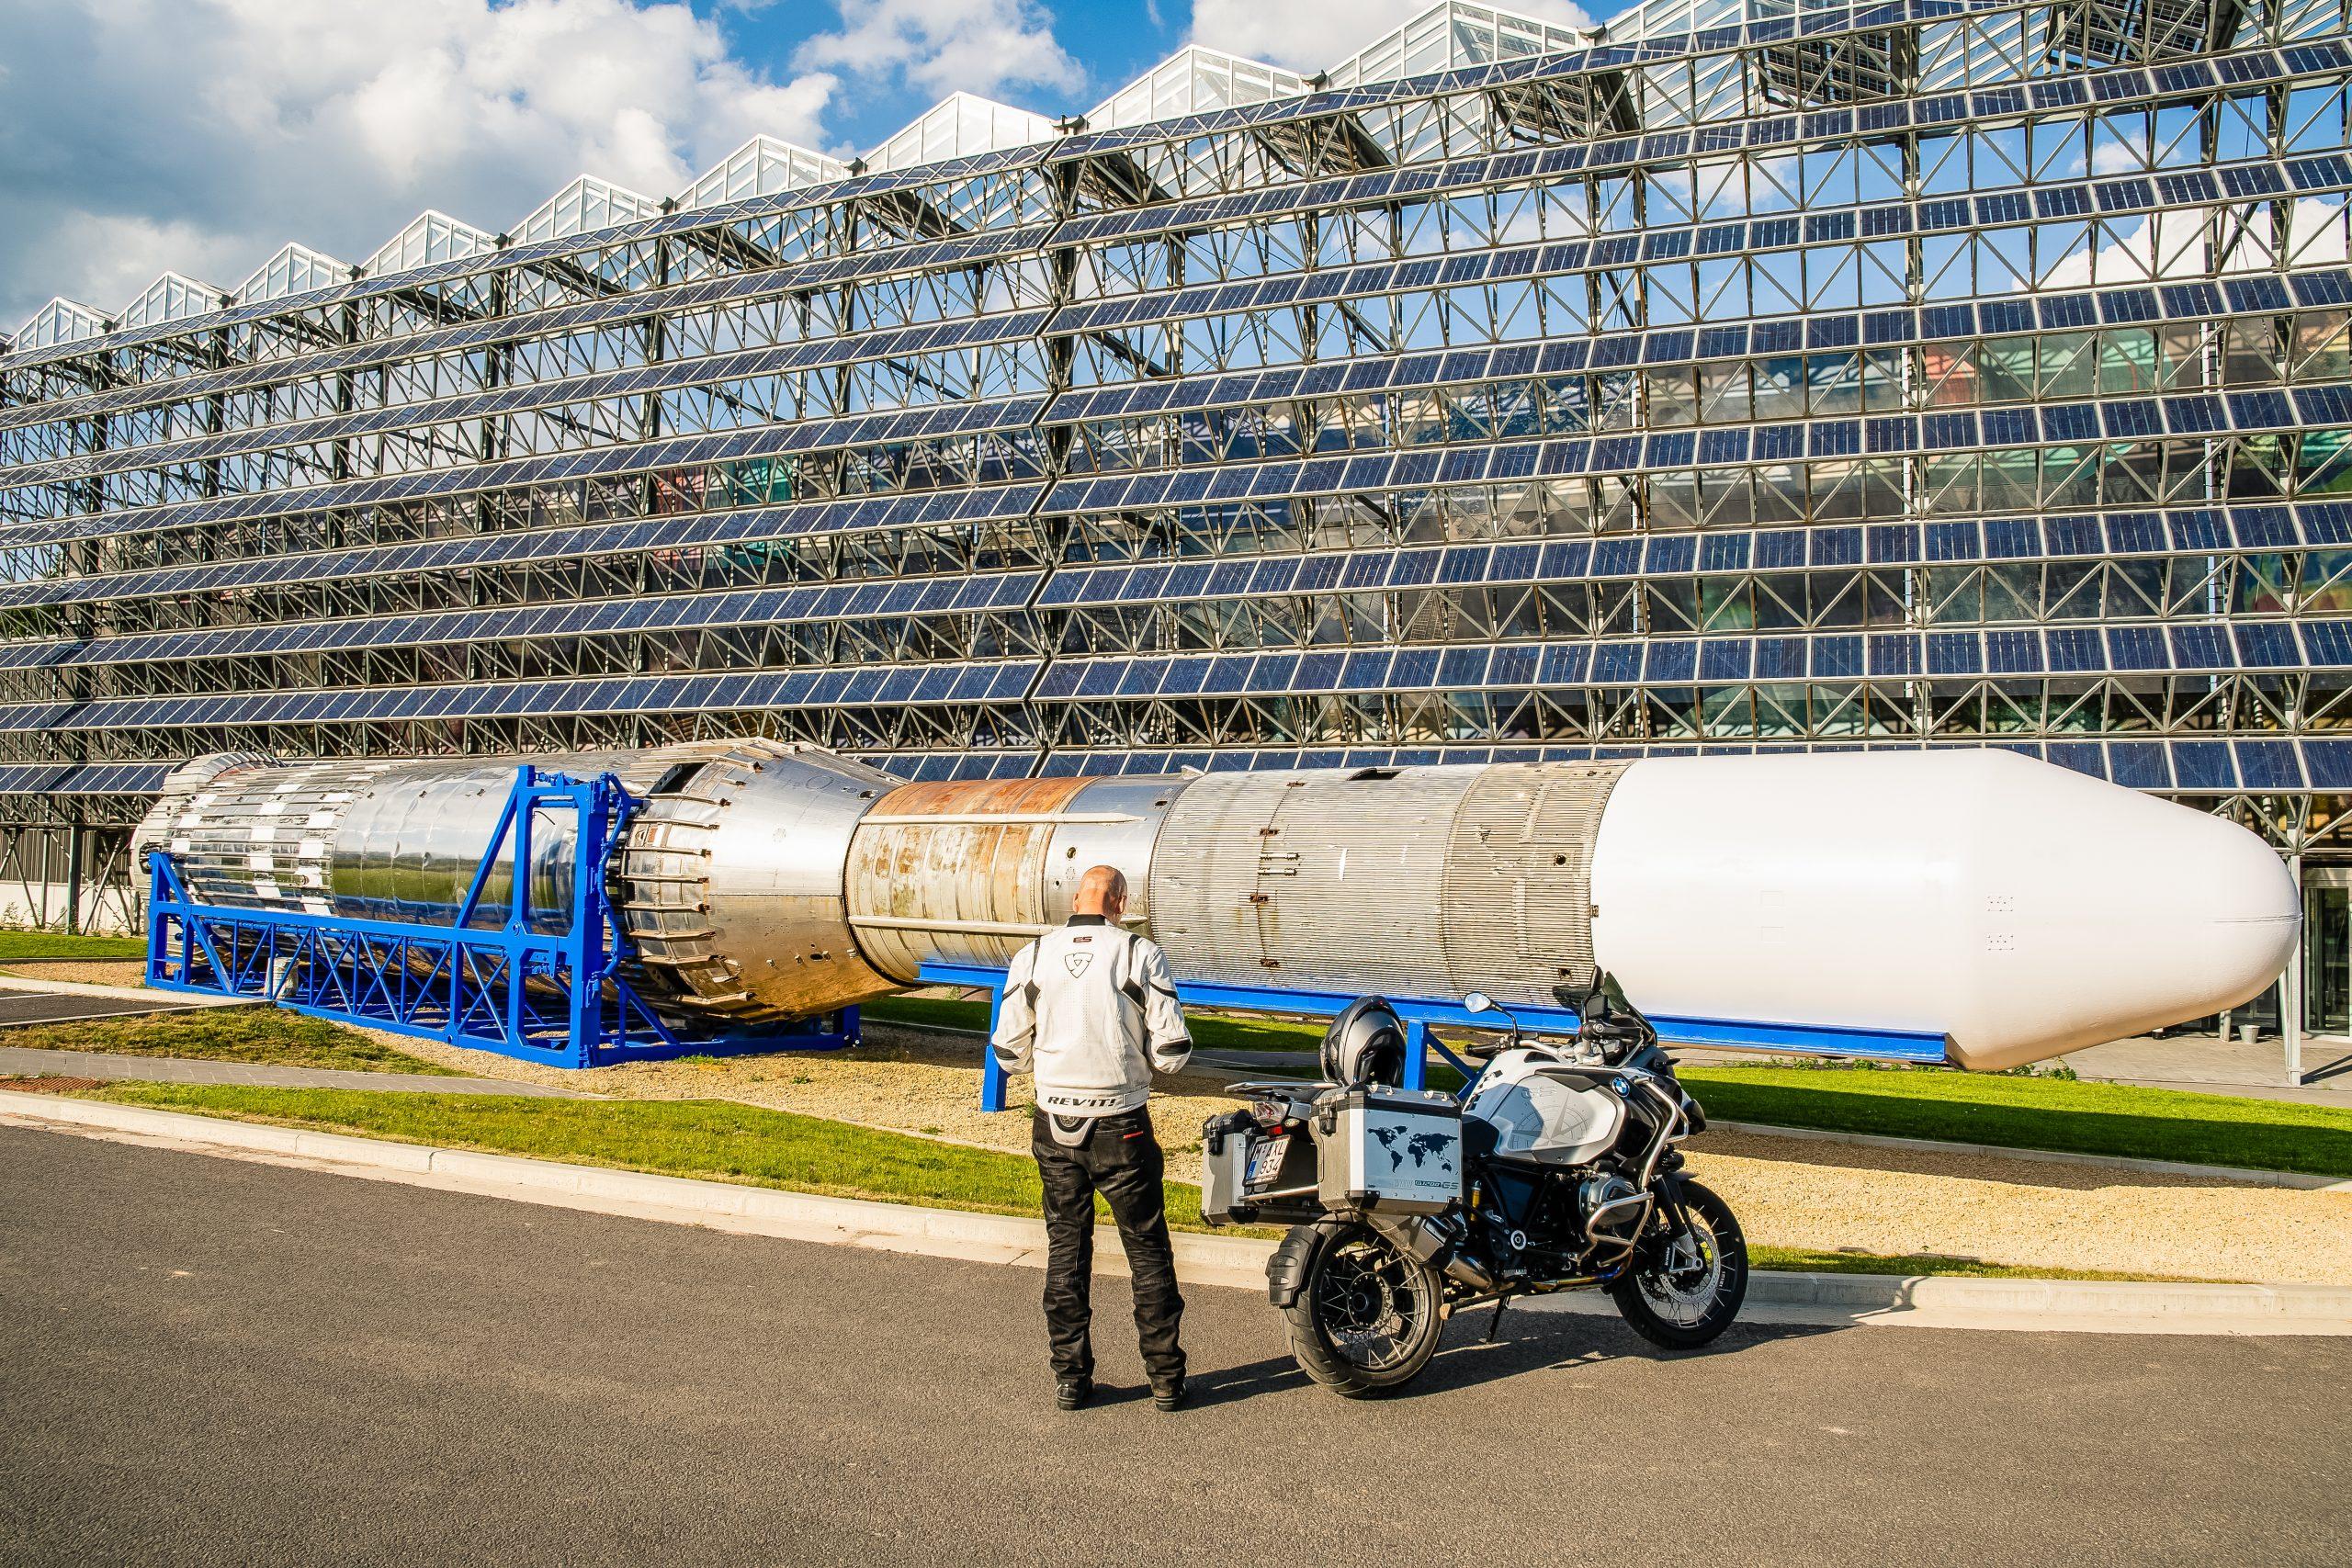 Toerroute Van Dinant naar Saint Hubert - Euro Space Center